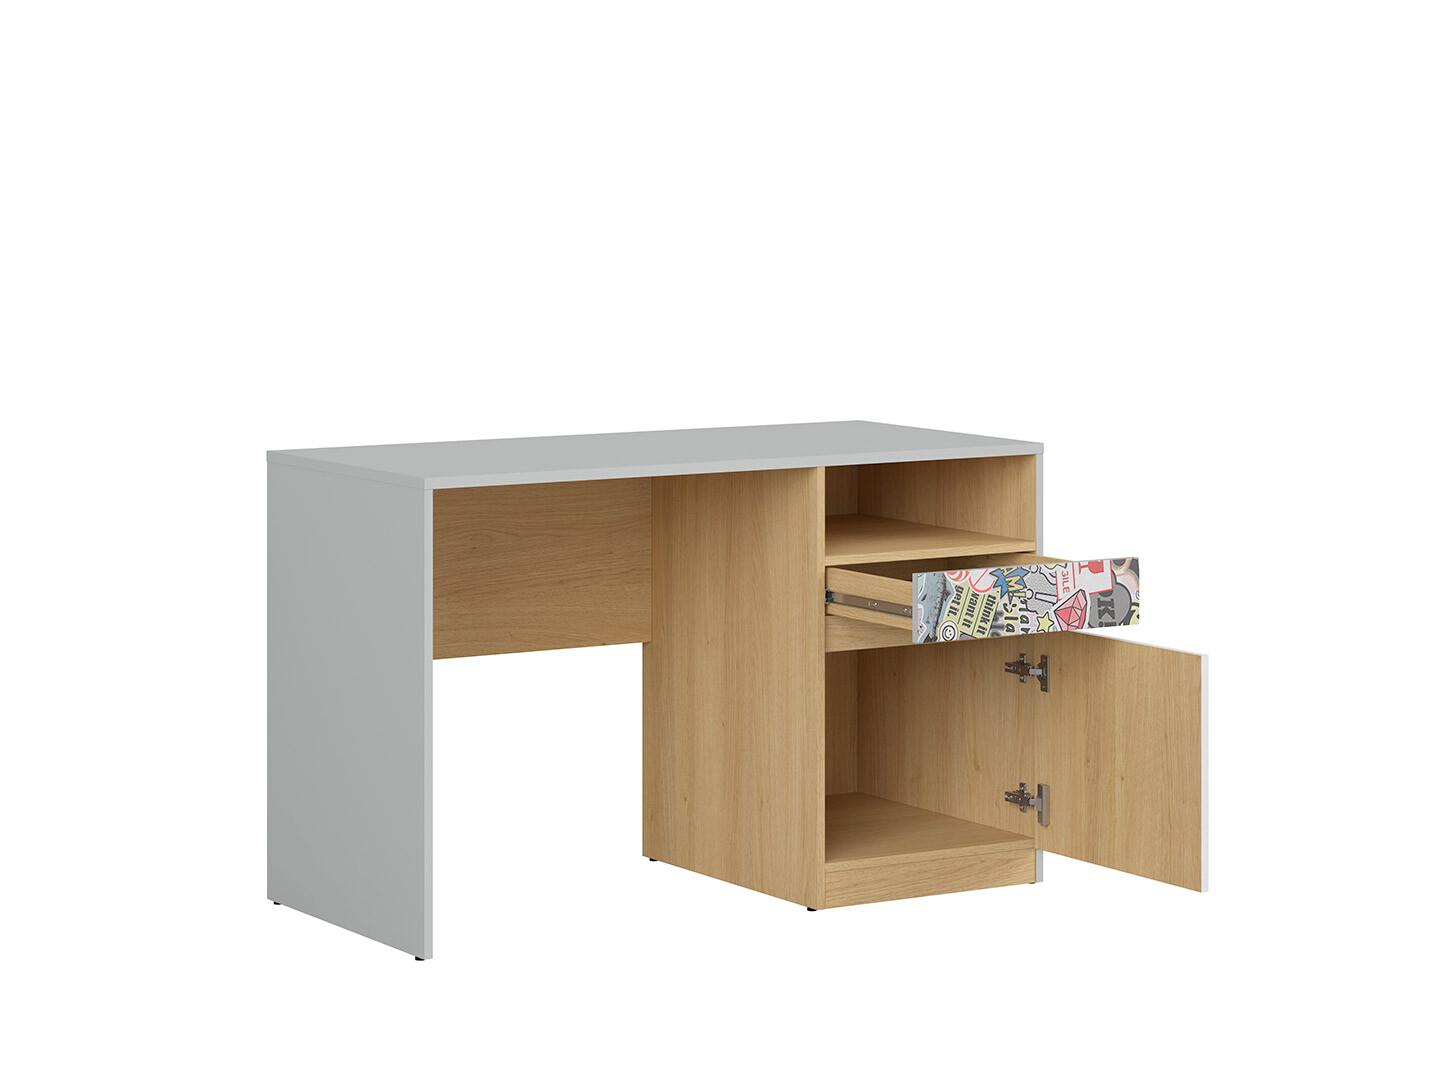 Písací stôl NANDU BIU1D1S svetlosivá/ dub poľský/ biely lesk/ sticker